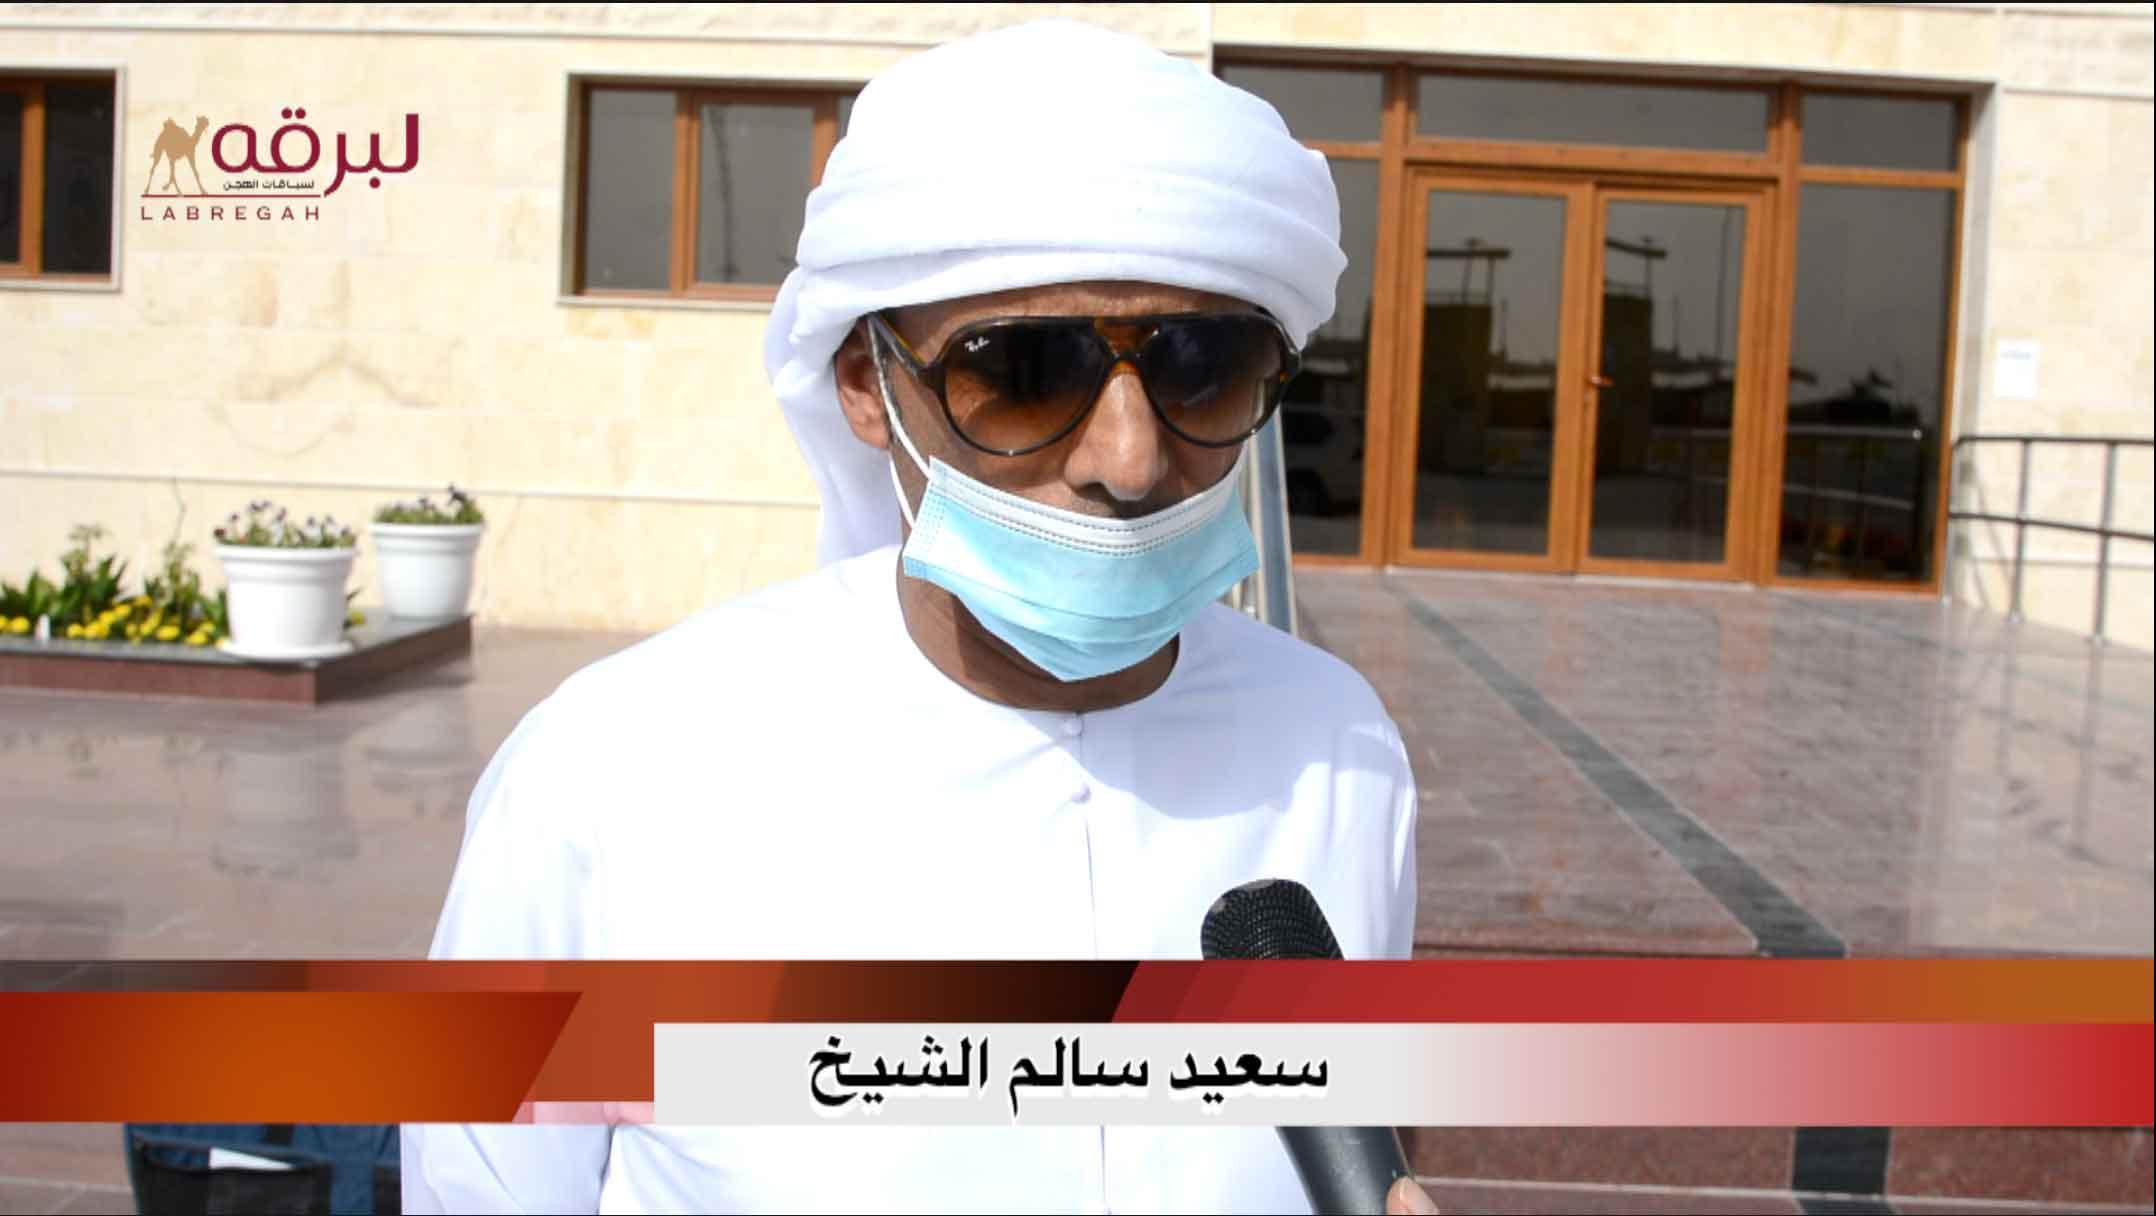 لقاء مع سعيد سالم الشيخ.. الشلفة الذهبية لقايا بكار «عمانيات» الأشواط المفتوحة ٢٢-٣-٢٠٢١